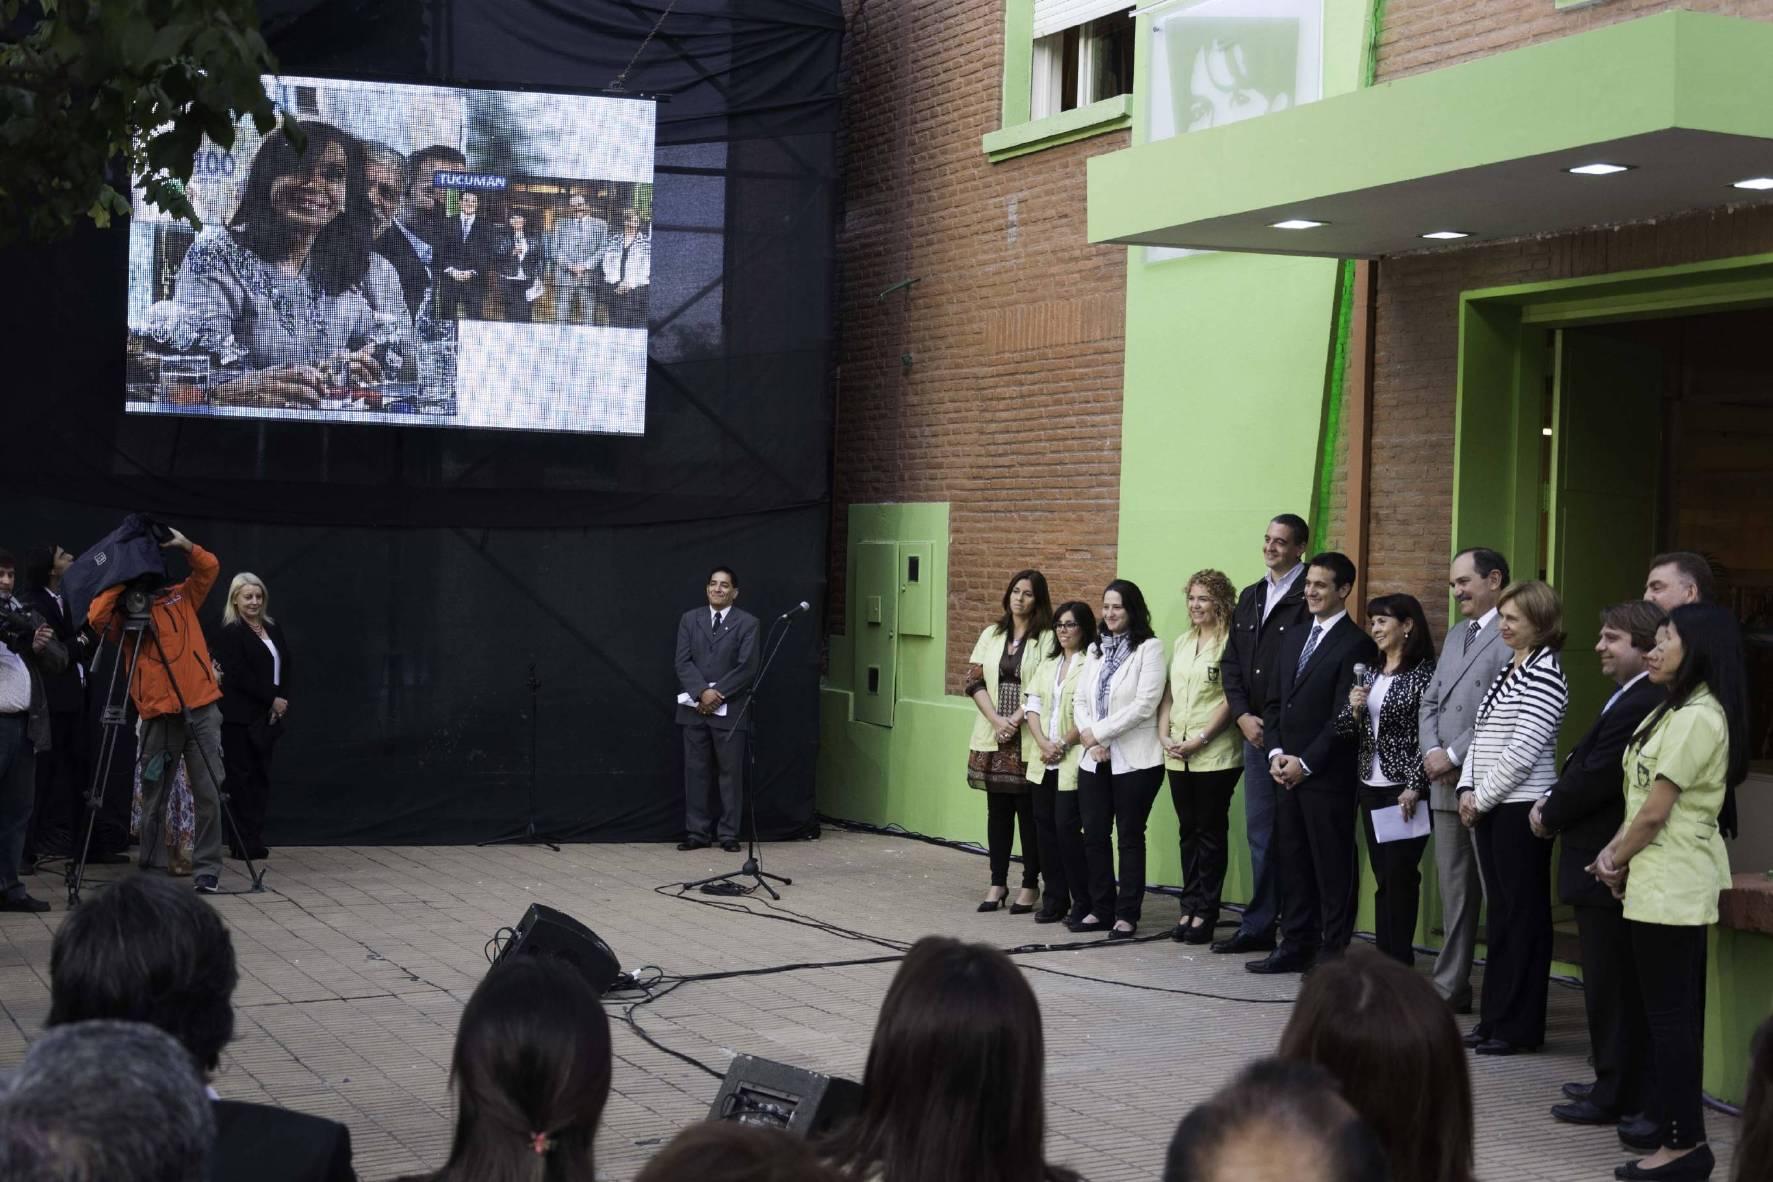 Por videoconferencia, la Presidenta de la Nación inauguró un Centro de Acceso a la Justicia en Tucumán